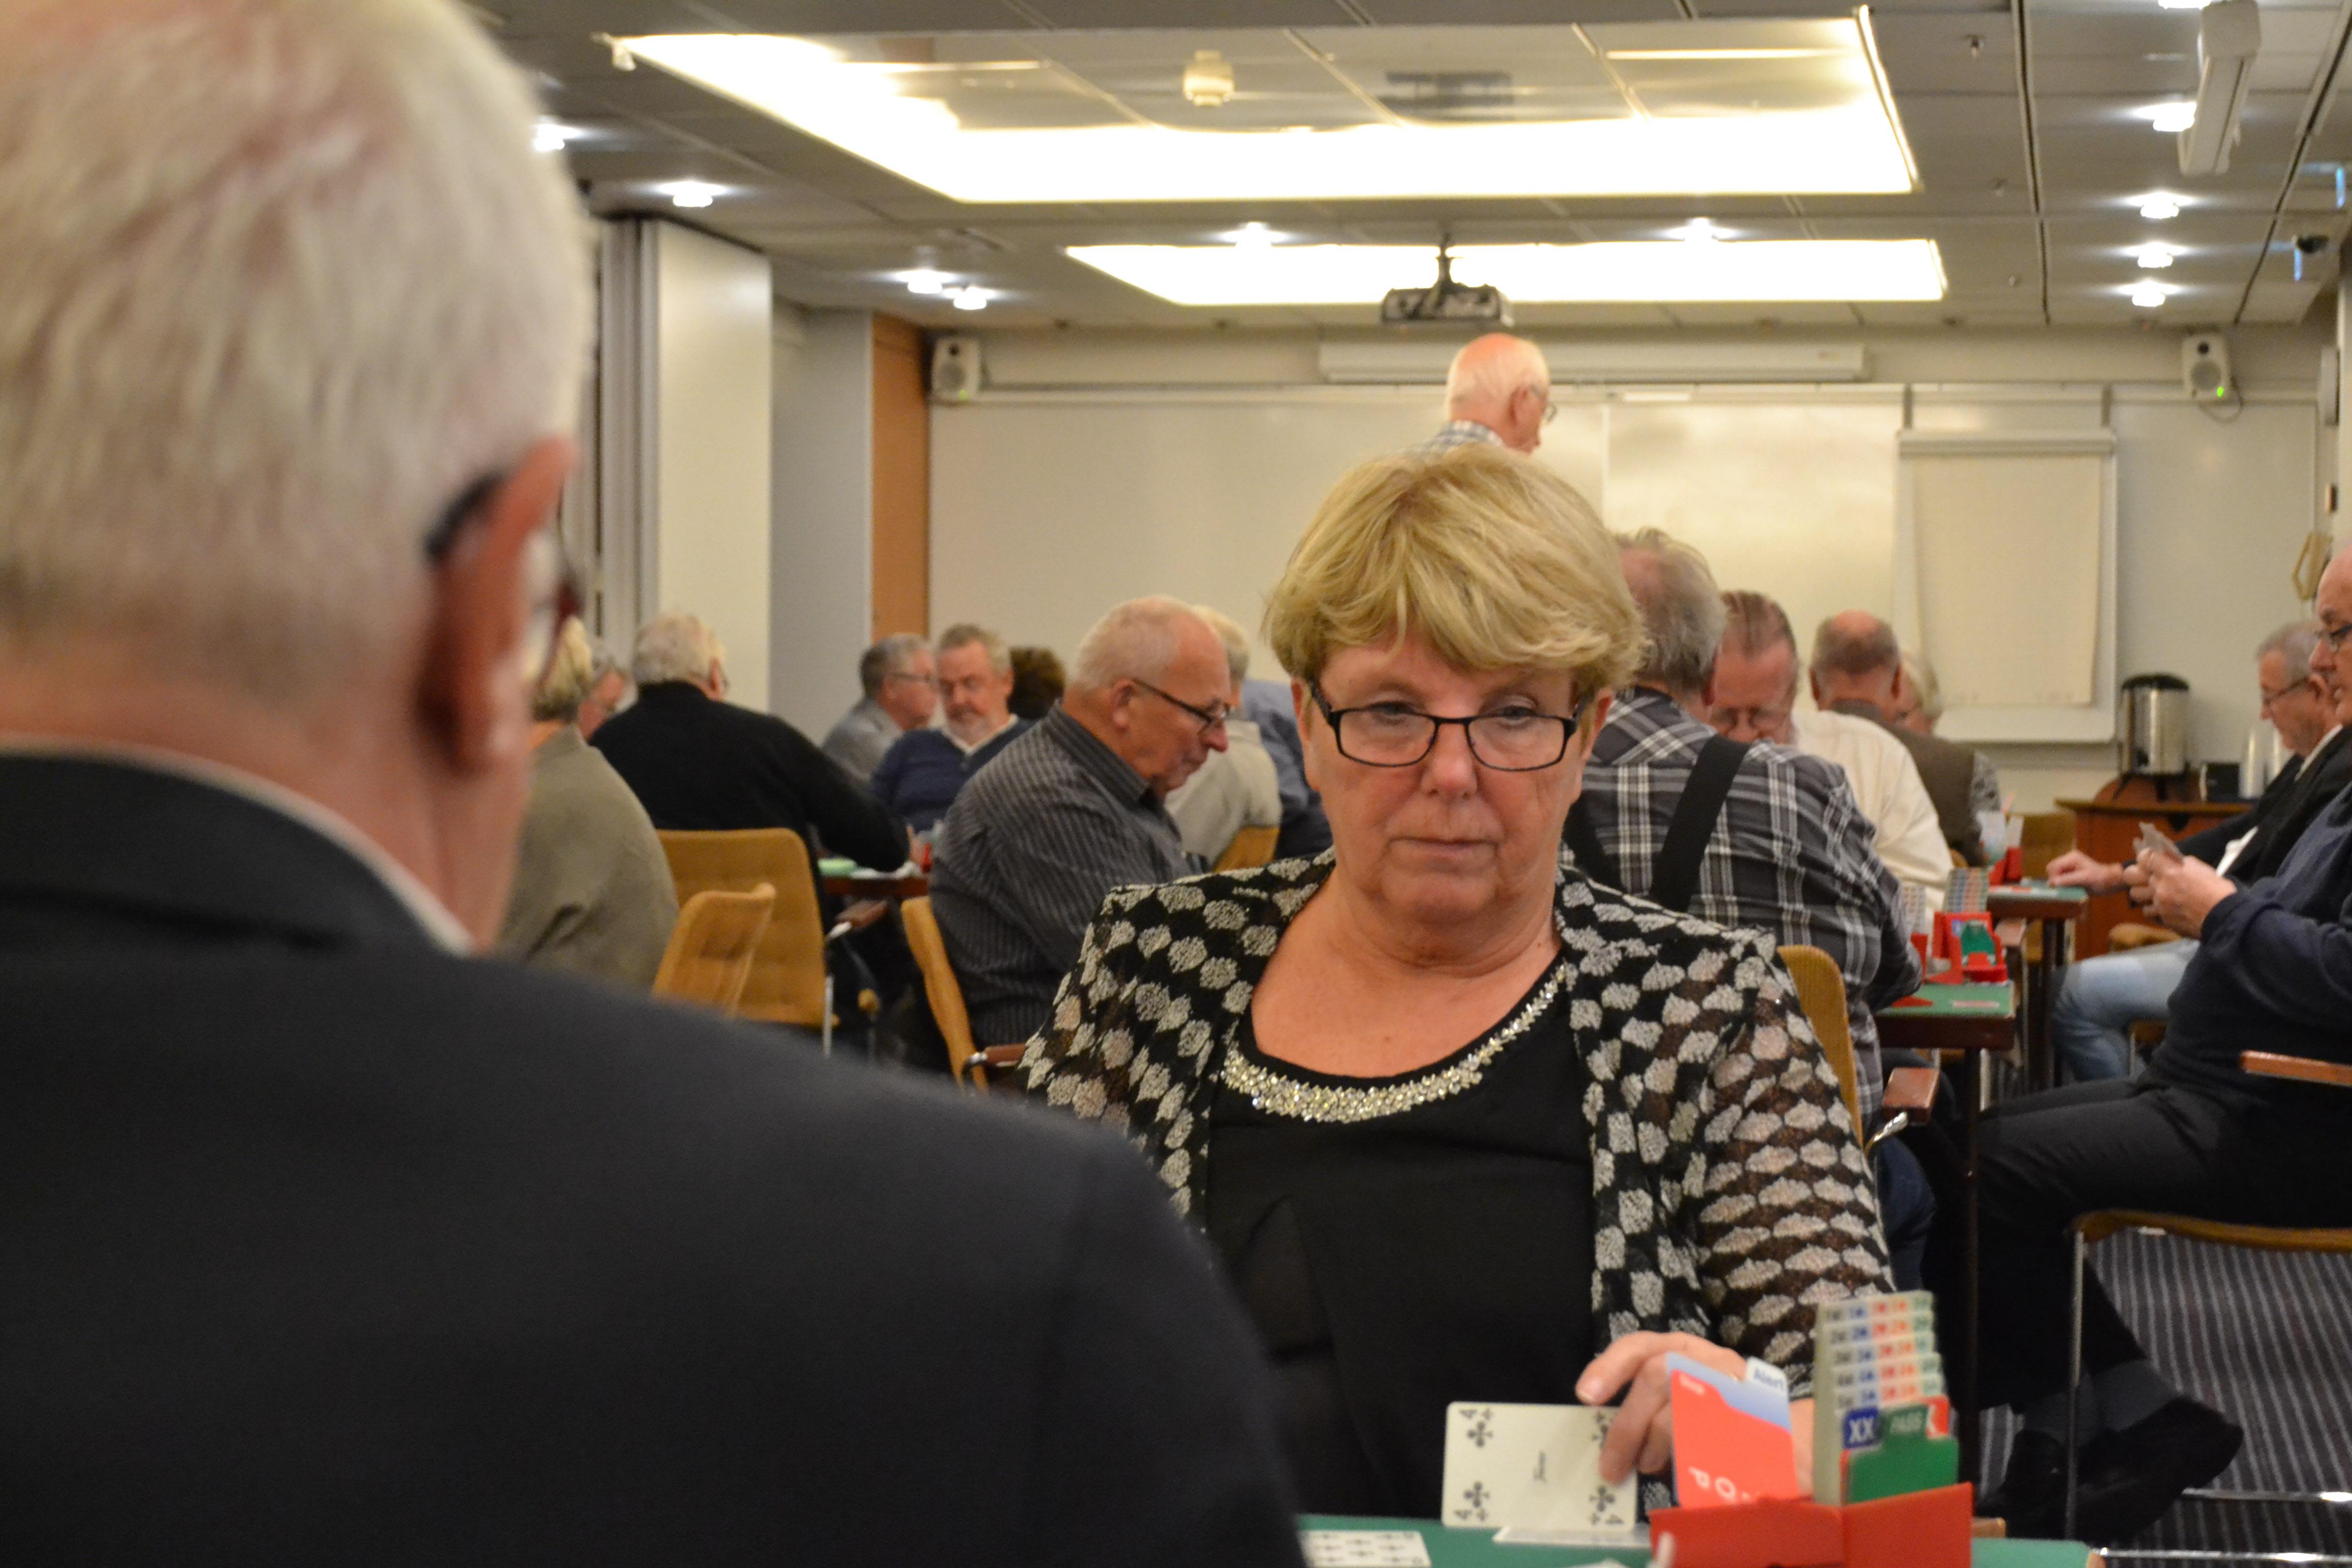 Hallandsparet Vera Gemrud och Per-Ingvar Skoglund från SPF Seniorerna Falkenberg-Skrea nosade på medaljplats flera gånger under spelet. De slutade på en hedrande fjärdeplats.